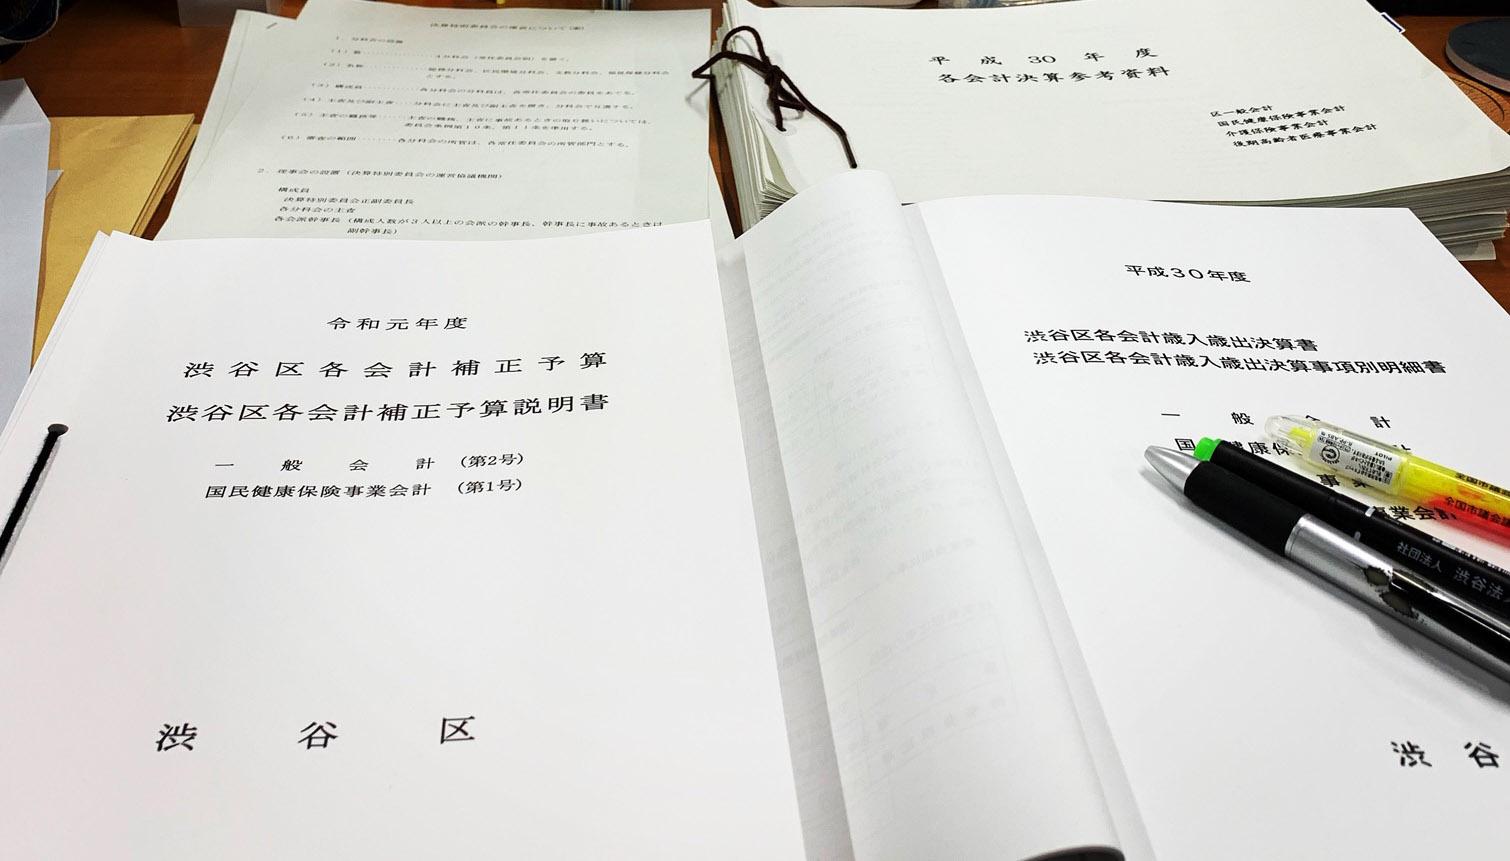 第3回定例会は9月10日から32日間開催され、平成30年度決算や、消費税増税に向けての各種条例の改正などが審議されました。